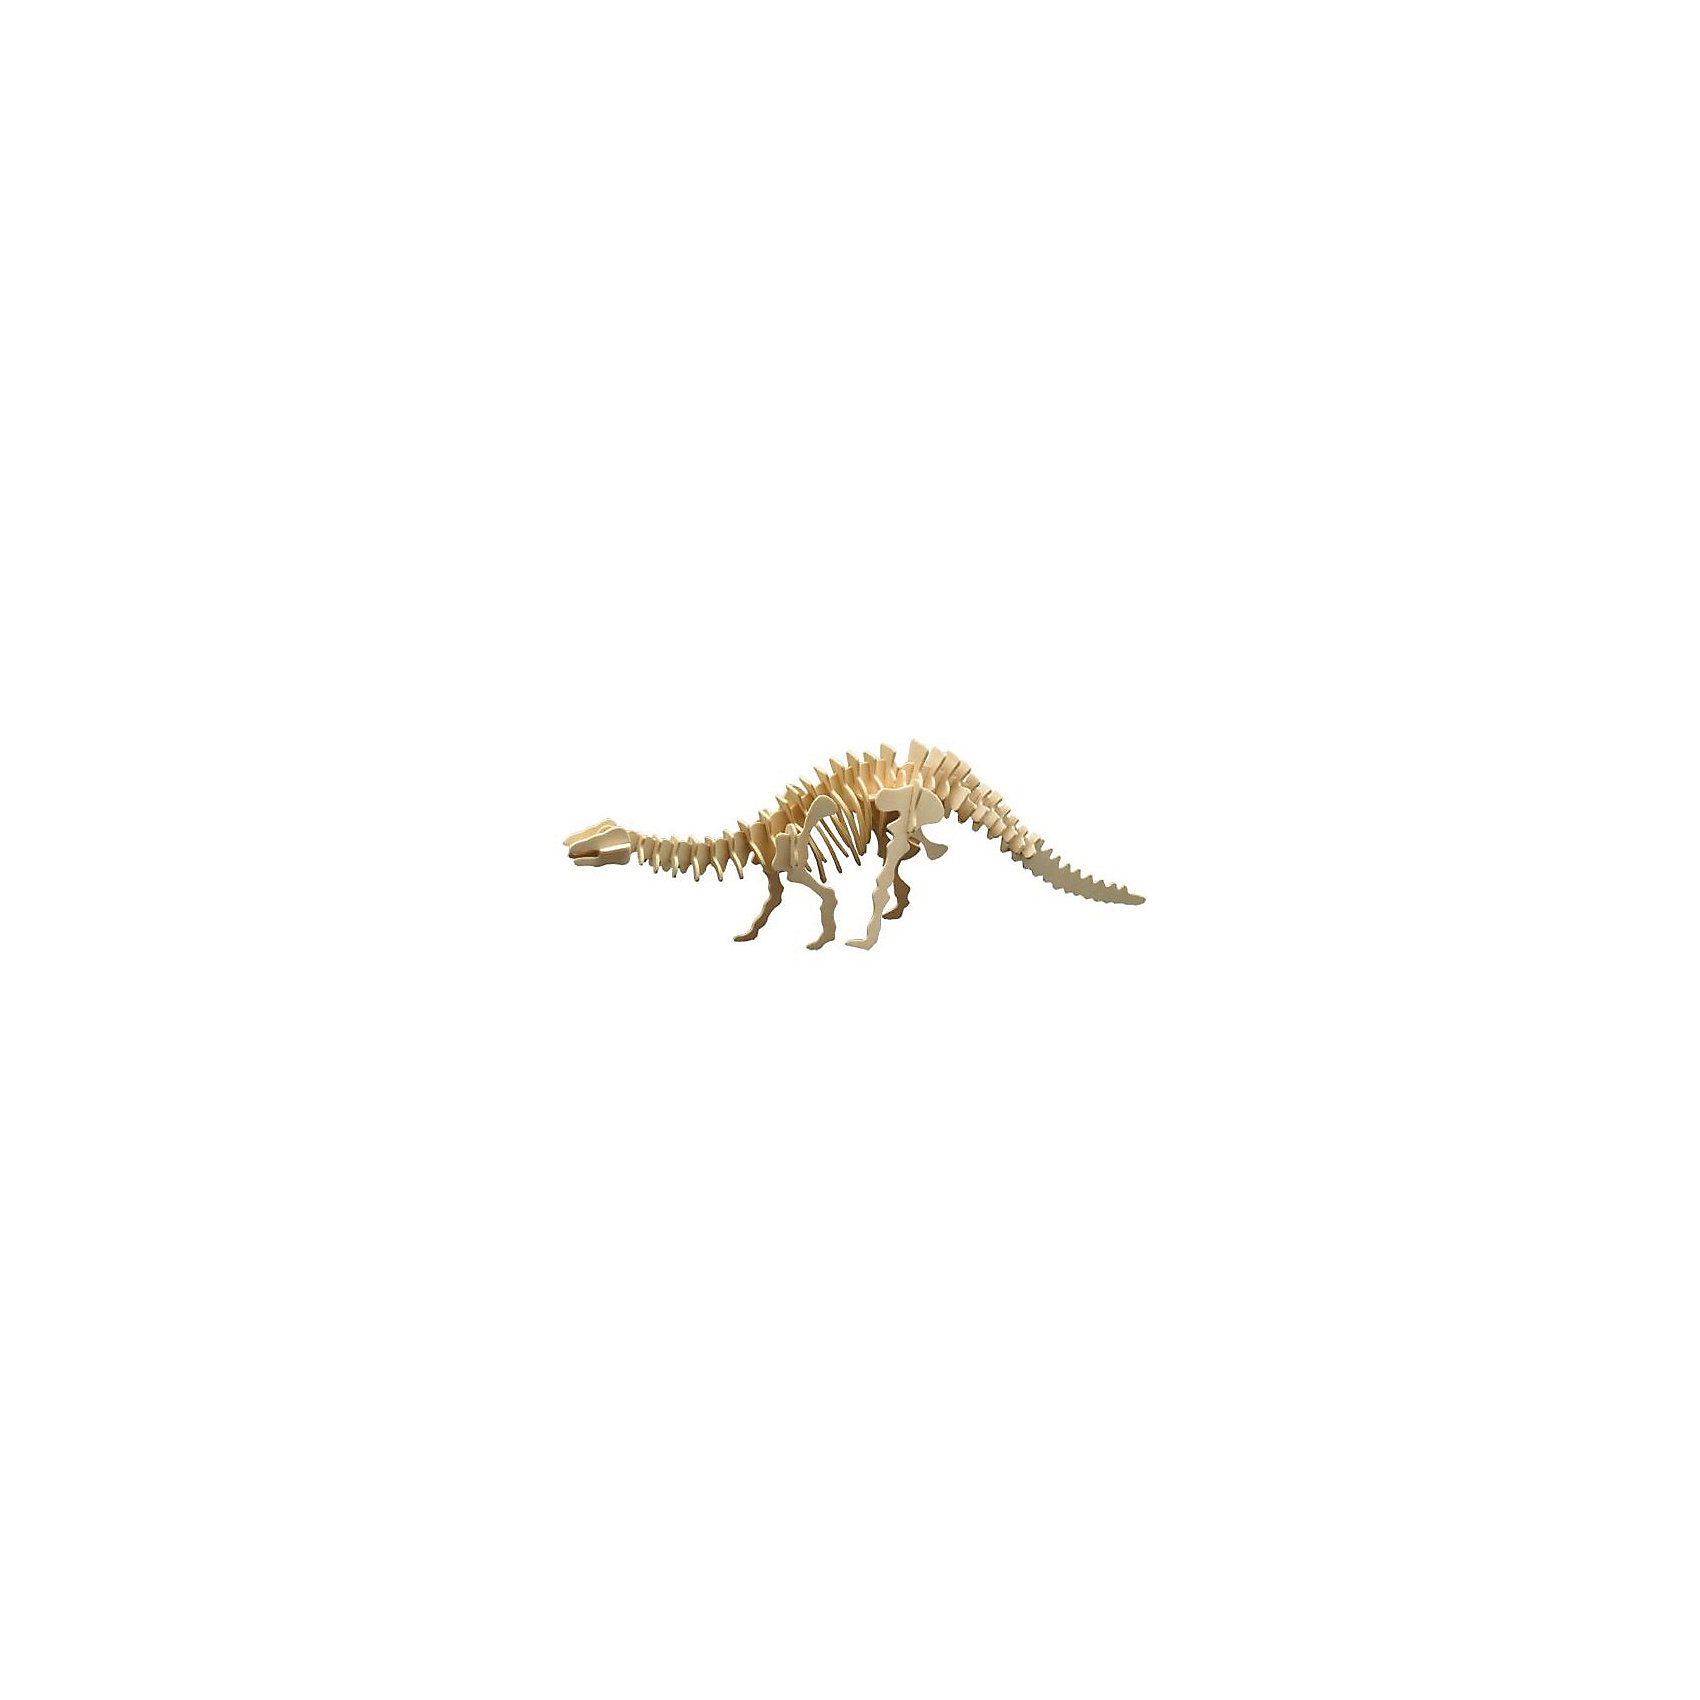 Апатозавр (серия Ж), Мир деревянных игрушекДеревянные модели<br>Бренд Мир деревянных игрушек дает ребенку возможность самому сделать красивую деревянную фигуру! Специально для любящих творчество и интересующихся вымершими животными были разработаны эти 3D-пазлы. Из них получаются красивые очень реалистичные фигуры, которые могут стать украшением комнаты.<br>Собирая их, ребенок будет учиться соотносить фигуры, развивать пространственное мышление, память и мелкую моторику. А раскрашивая готовое произведение, дети научатся подбирать цвета и будут развивать художественные навыки. Этот набор произведен из качественных и безопасных для детей материалов - дерево тщательно обработано.<br><br>Дополнительная информация:<br><br>материал: дерево;<br>цвет: бежевый;<br>элементы: пластины с деталями для сборки;<br>размер упаковки: 23 х 18 см.<br><br>3D-пазл Апатозавр (серия Ж) от бренда Мир деревянных игрушек можно купить в нашем магазине.<br><br>Ширина мм: 225<br>Глубина мм: 30<br>Высота мм: 180<br>Вес г: 700<br>Возраст от месяцев: 36<br>Возраст до месяцев: 144<br>Пол: Унисекс<br>Возраст: Детский<br>SKU: 4969034